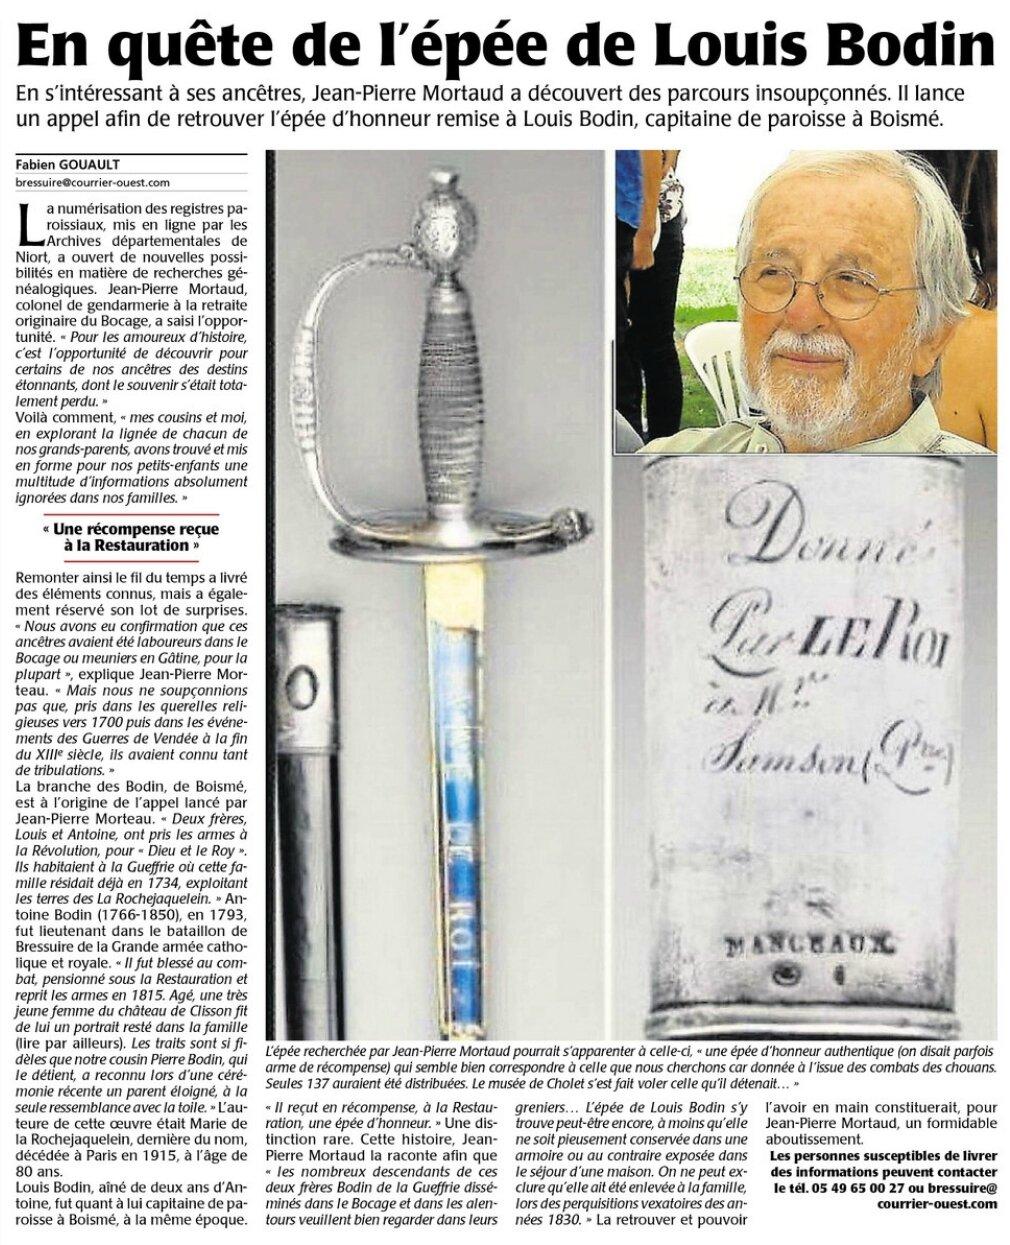 En quête de l'épée de Louis Bodin